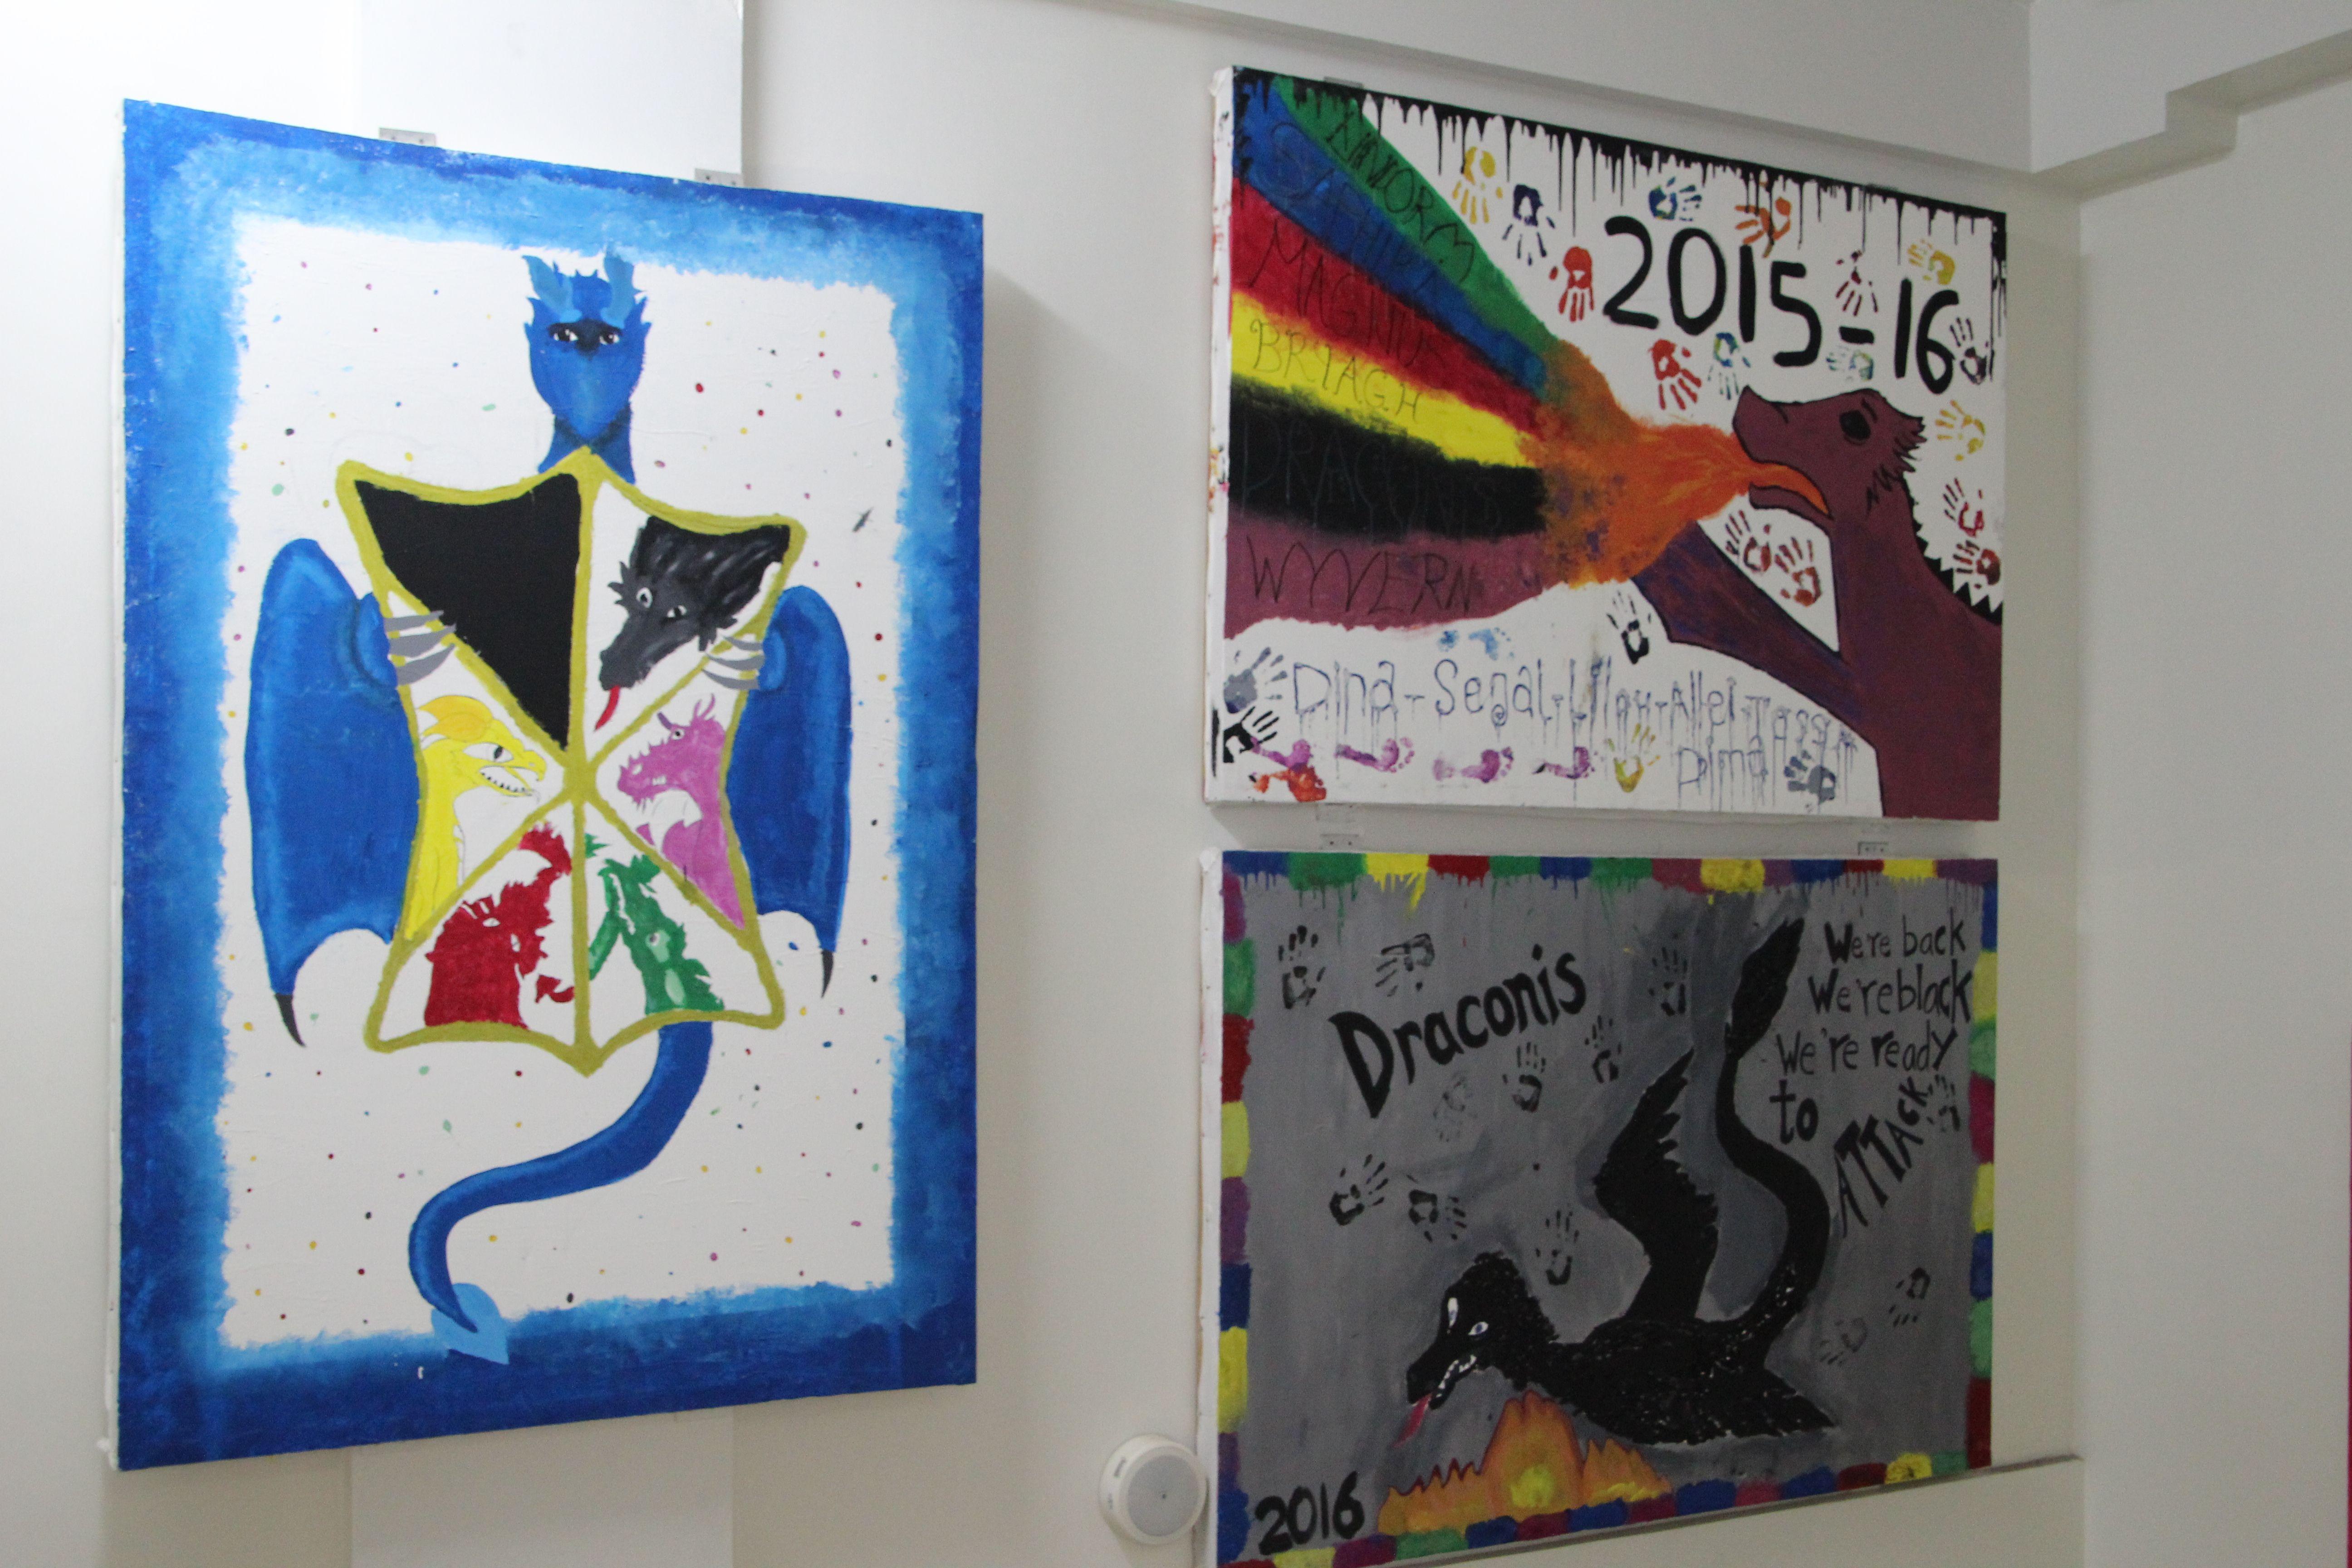 Ms hall of dragons asdoha asddragons middle school